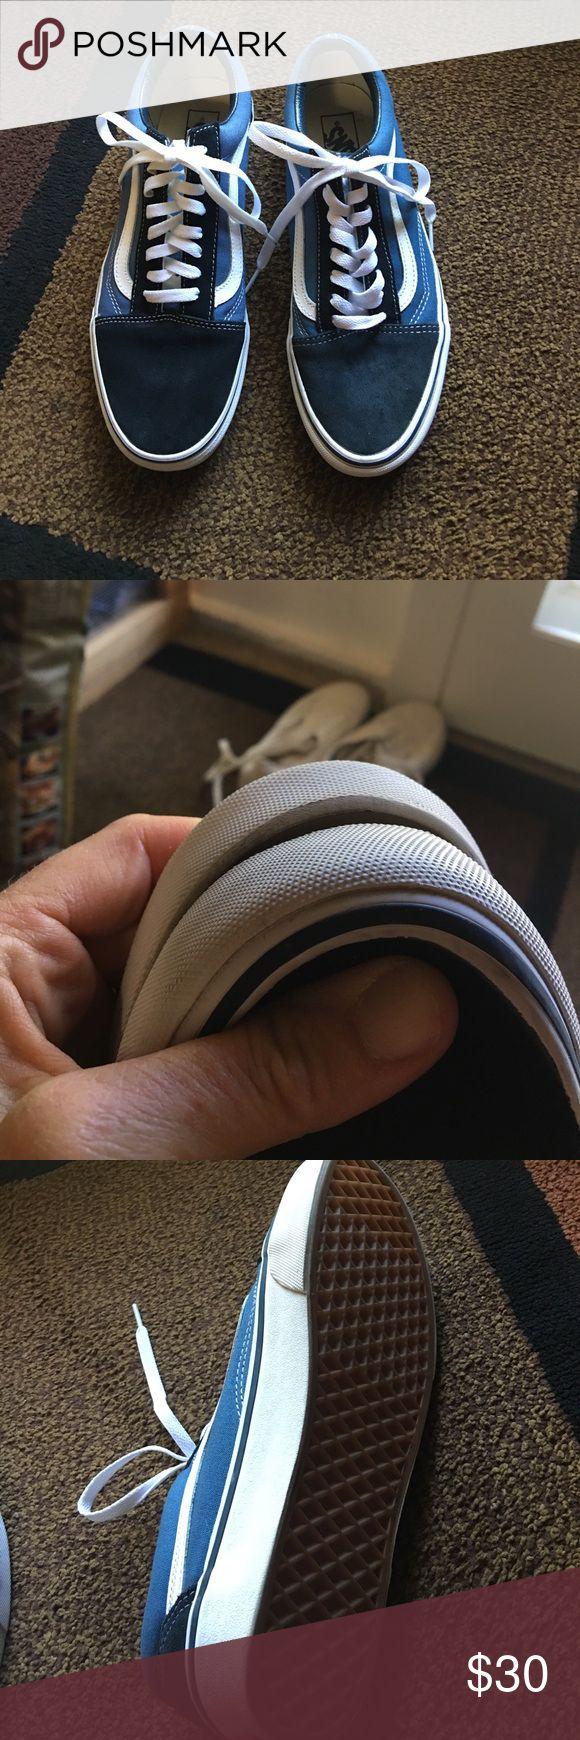 Vans tennis shoes old skool